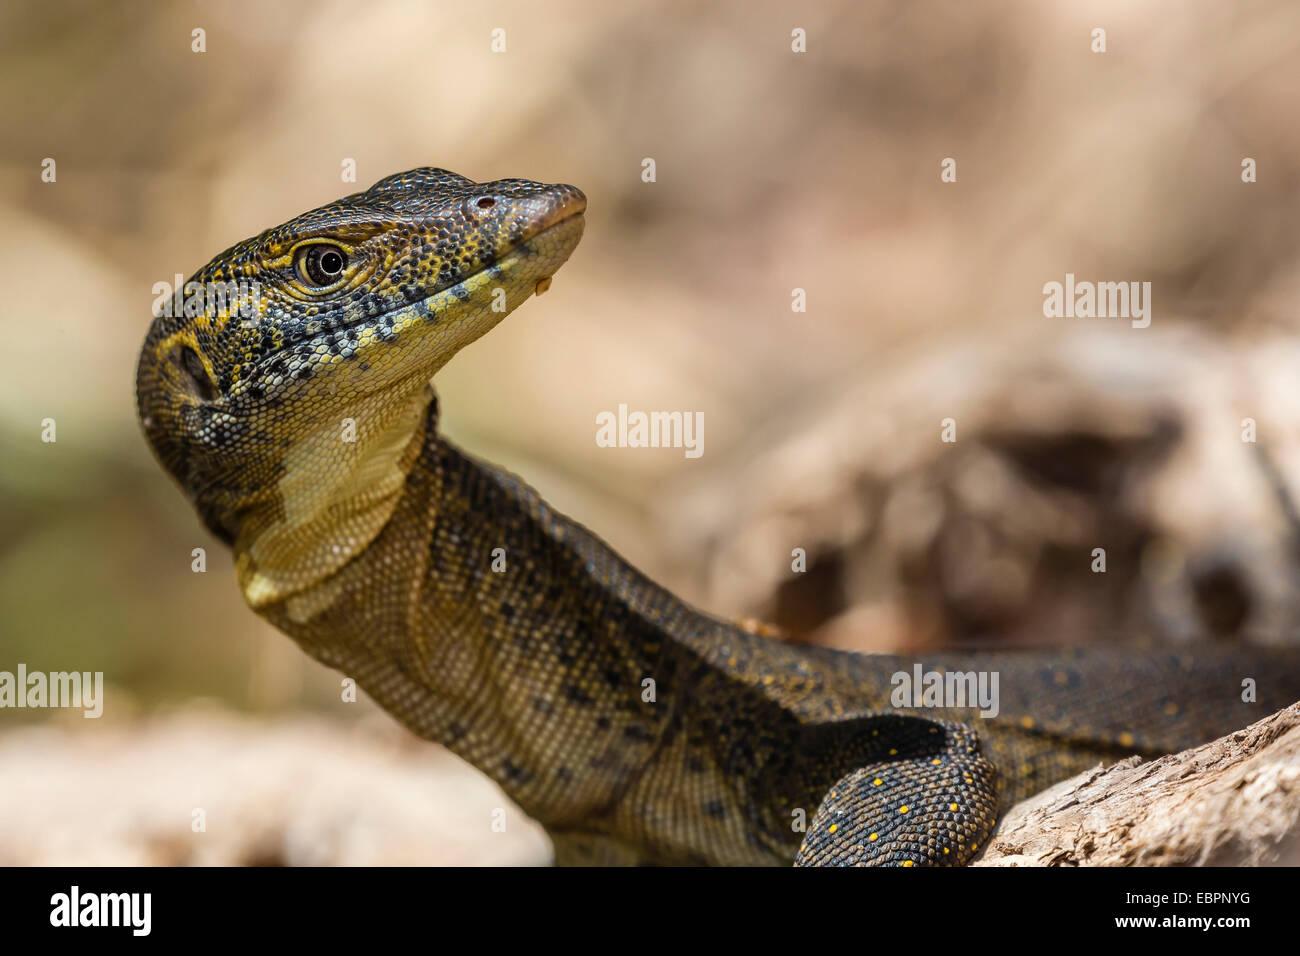 """Un adulte Mertens"""" de l'eau contrôler (Varanus mertensi) sur les rives de la rivière Ord, Kimberley, Photo Stock"""